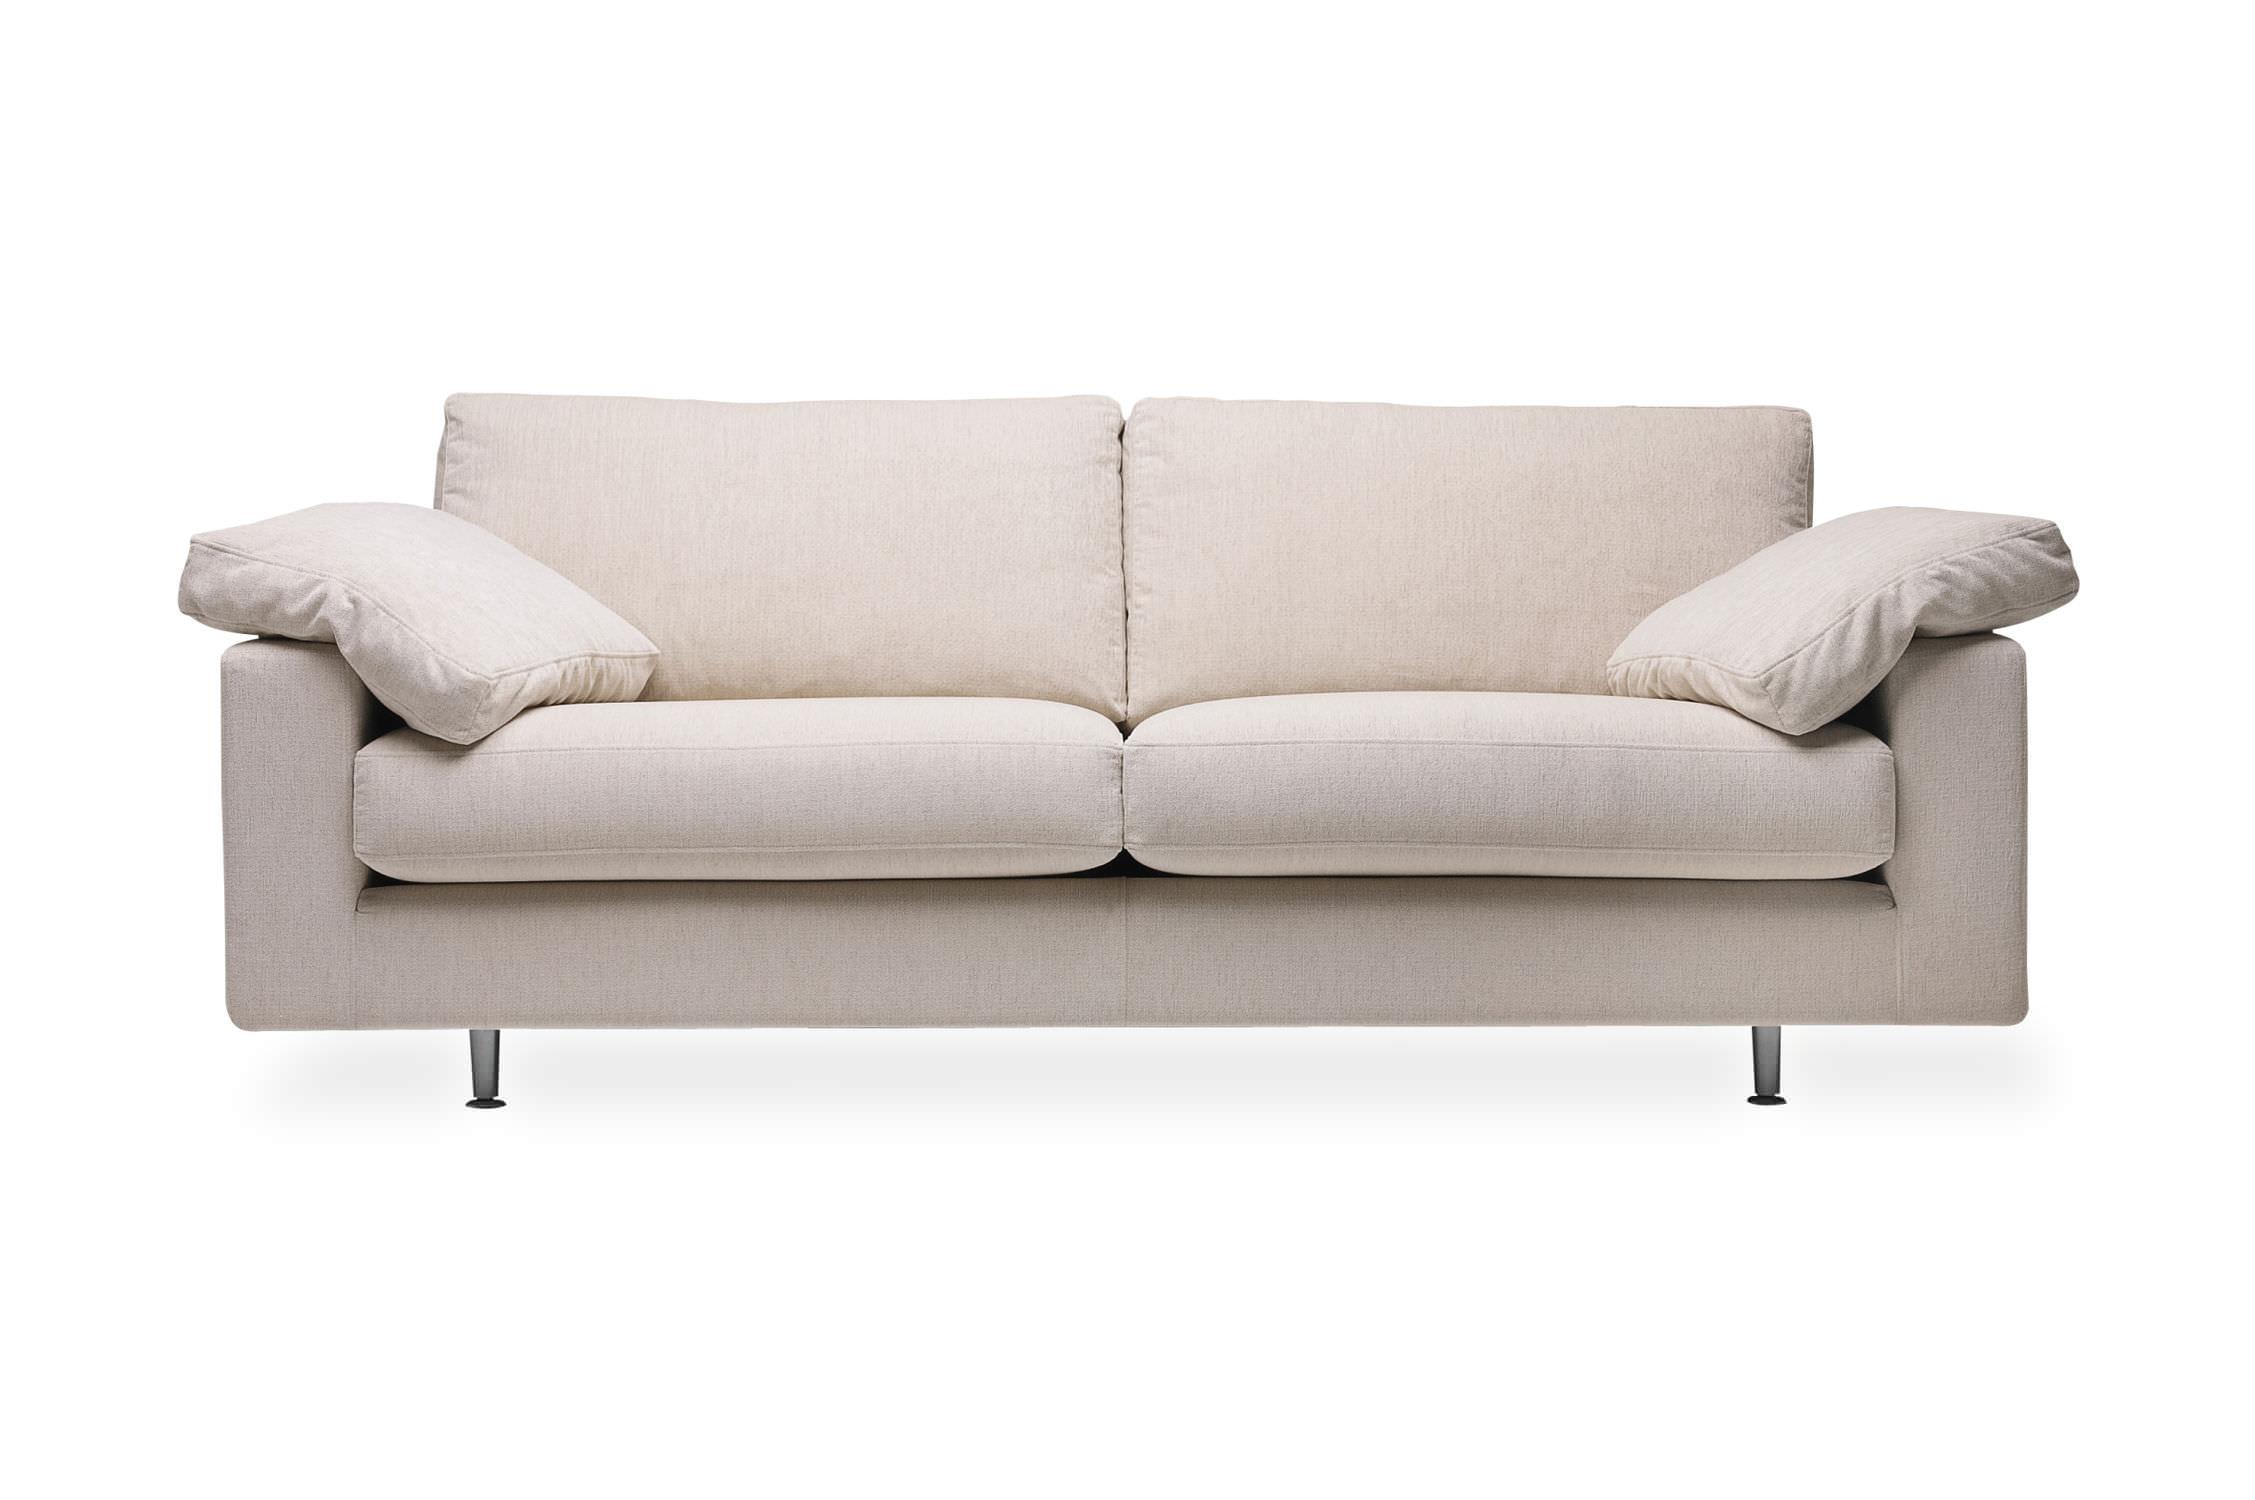 Genial Sofa Möbel Referenz Von Contemporary / Fabric / 2-person / Beige